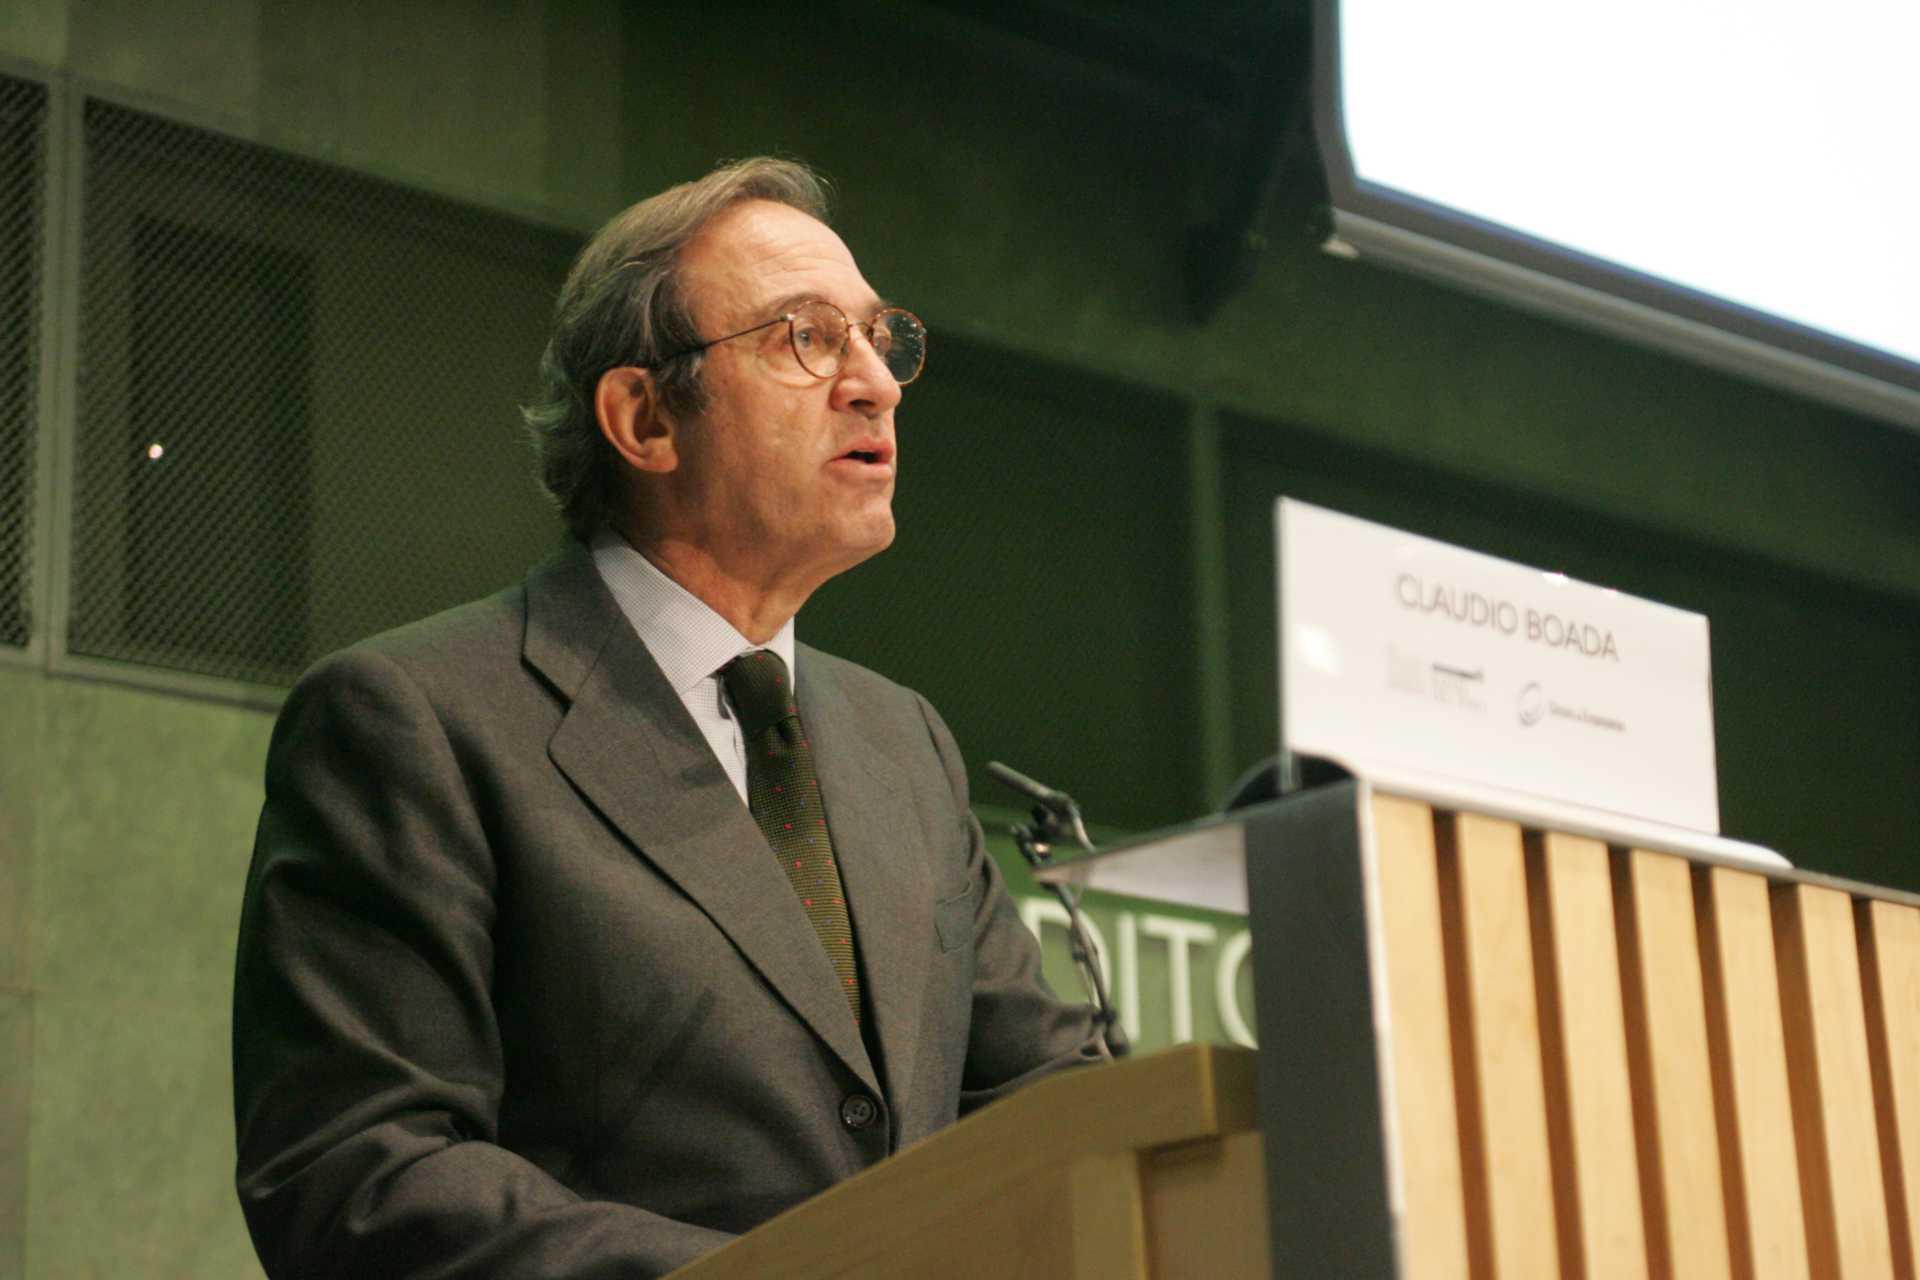 Jornada. Reforma de las pensiones más allá del Pacto de Toledo